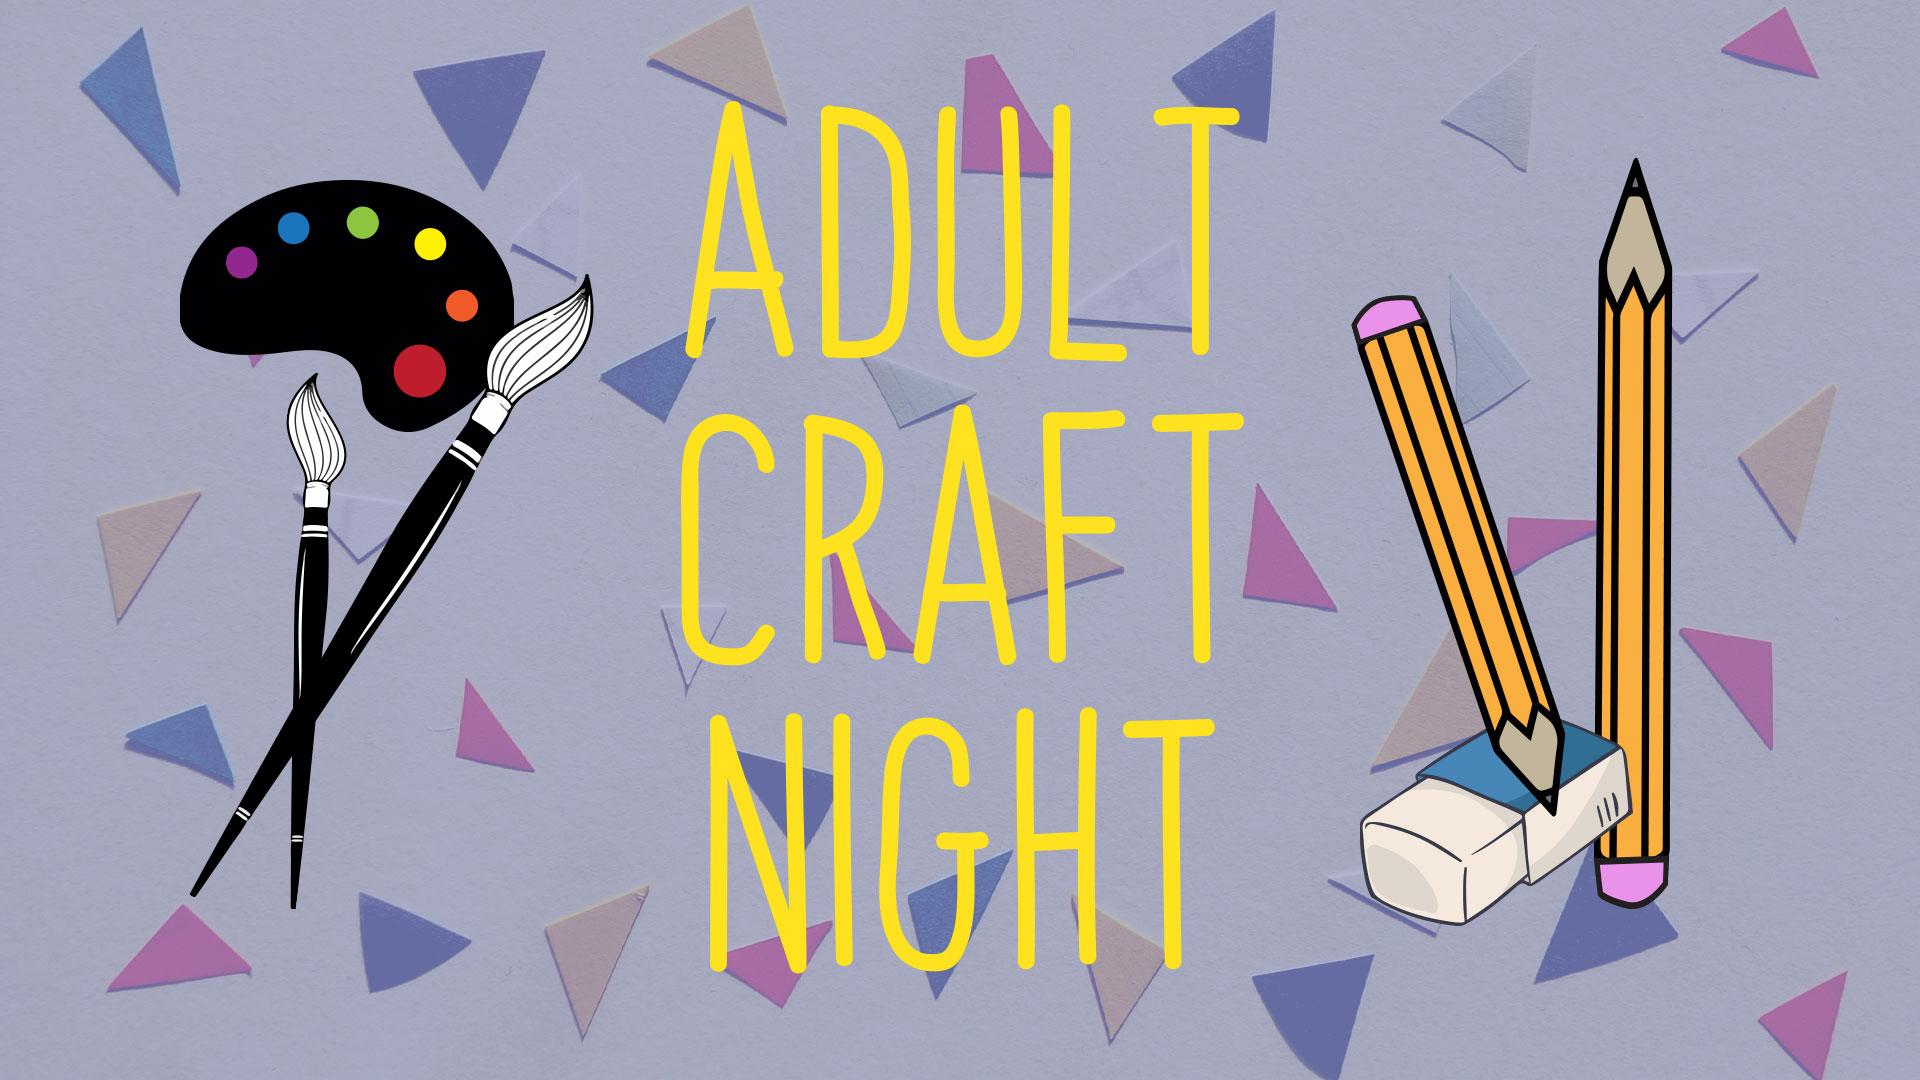 Adult Craft Night Kalamazoo Public Library